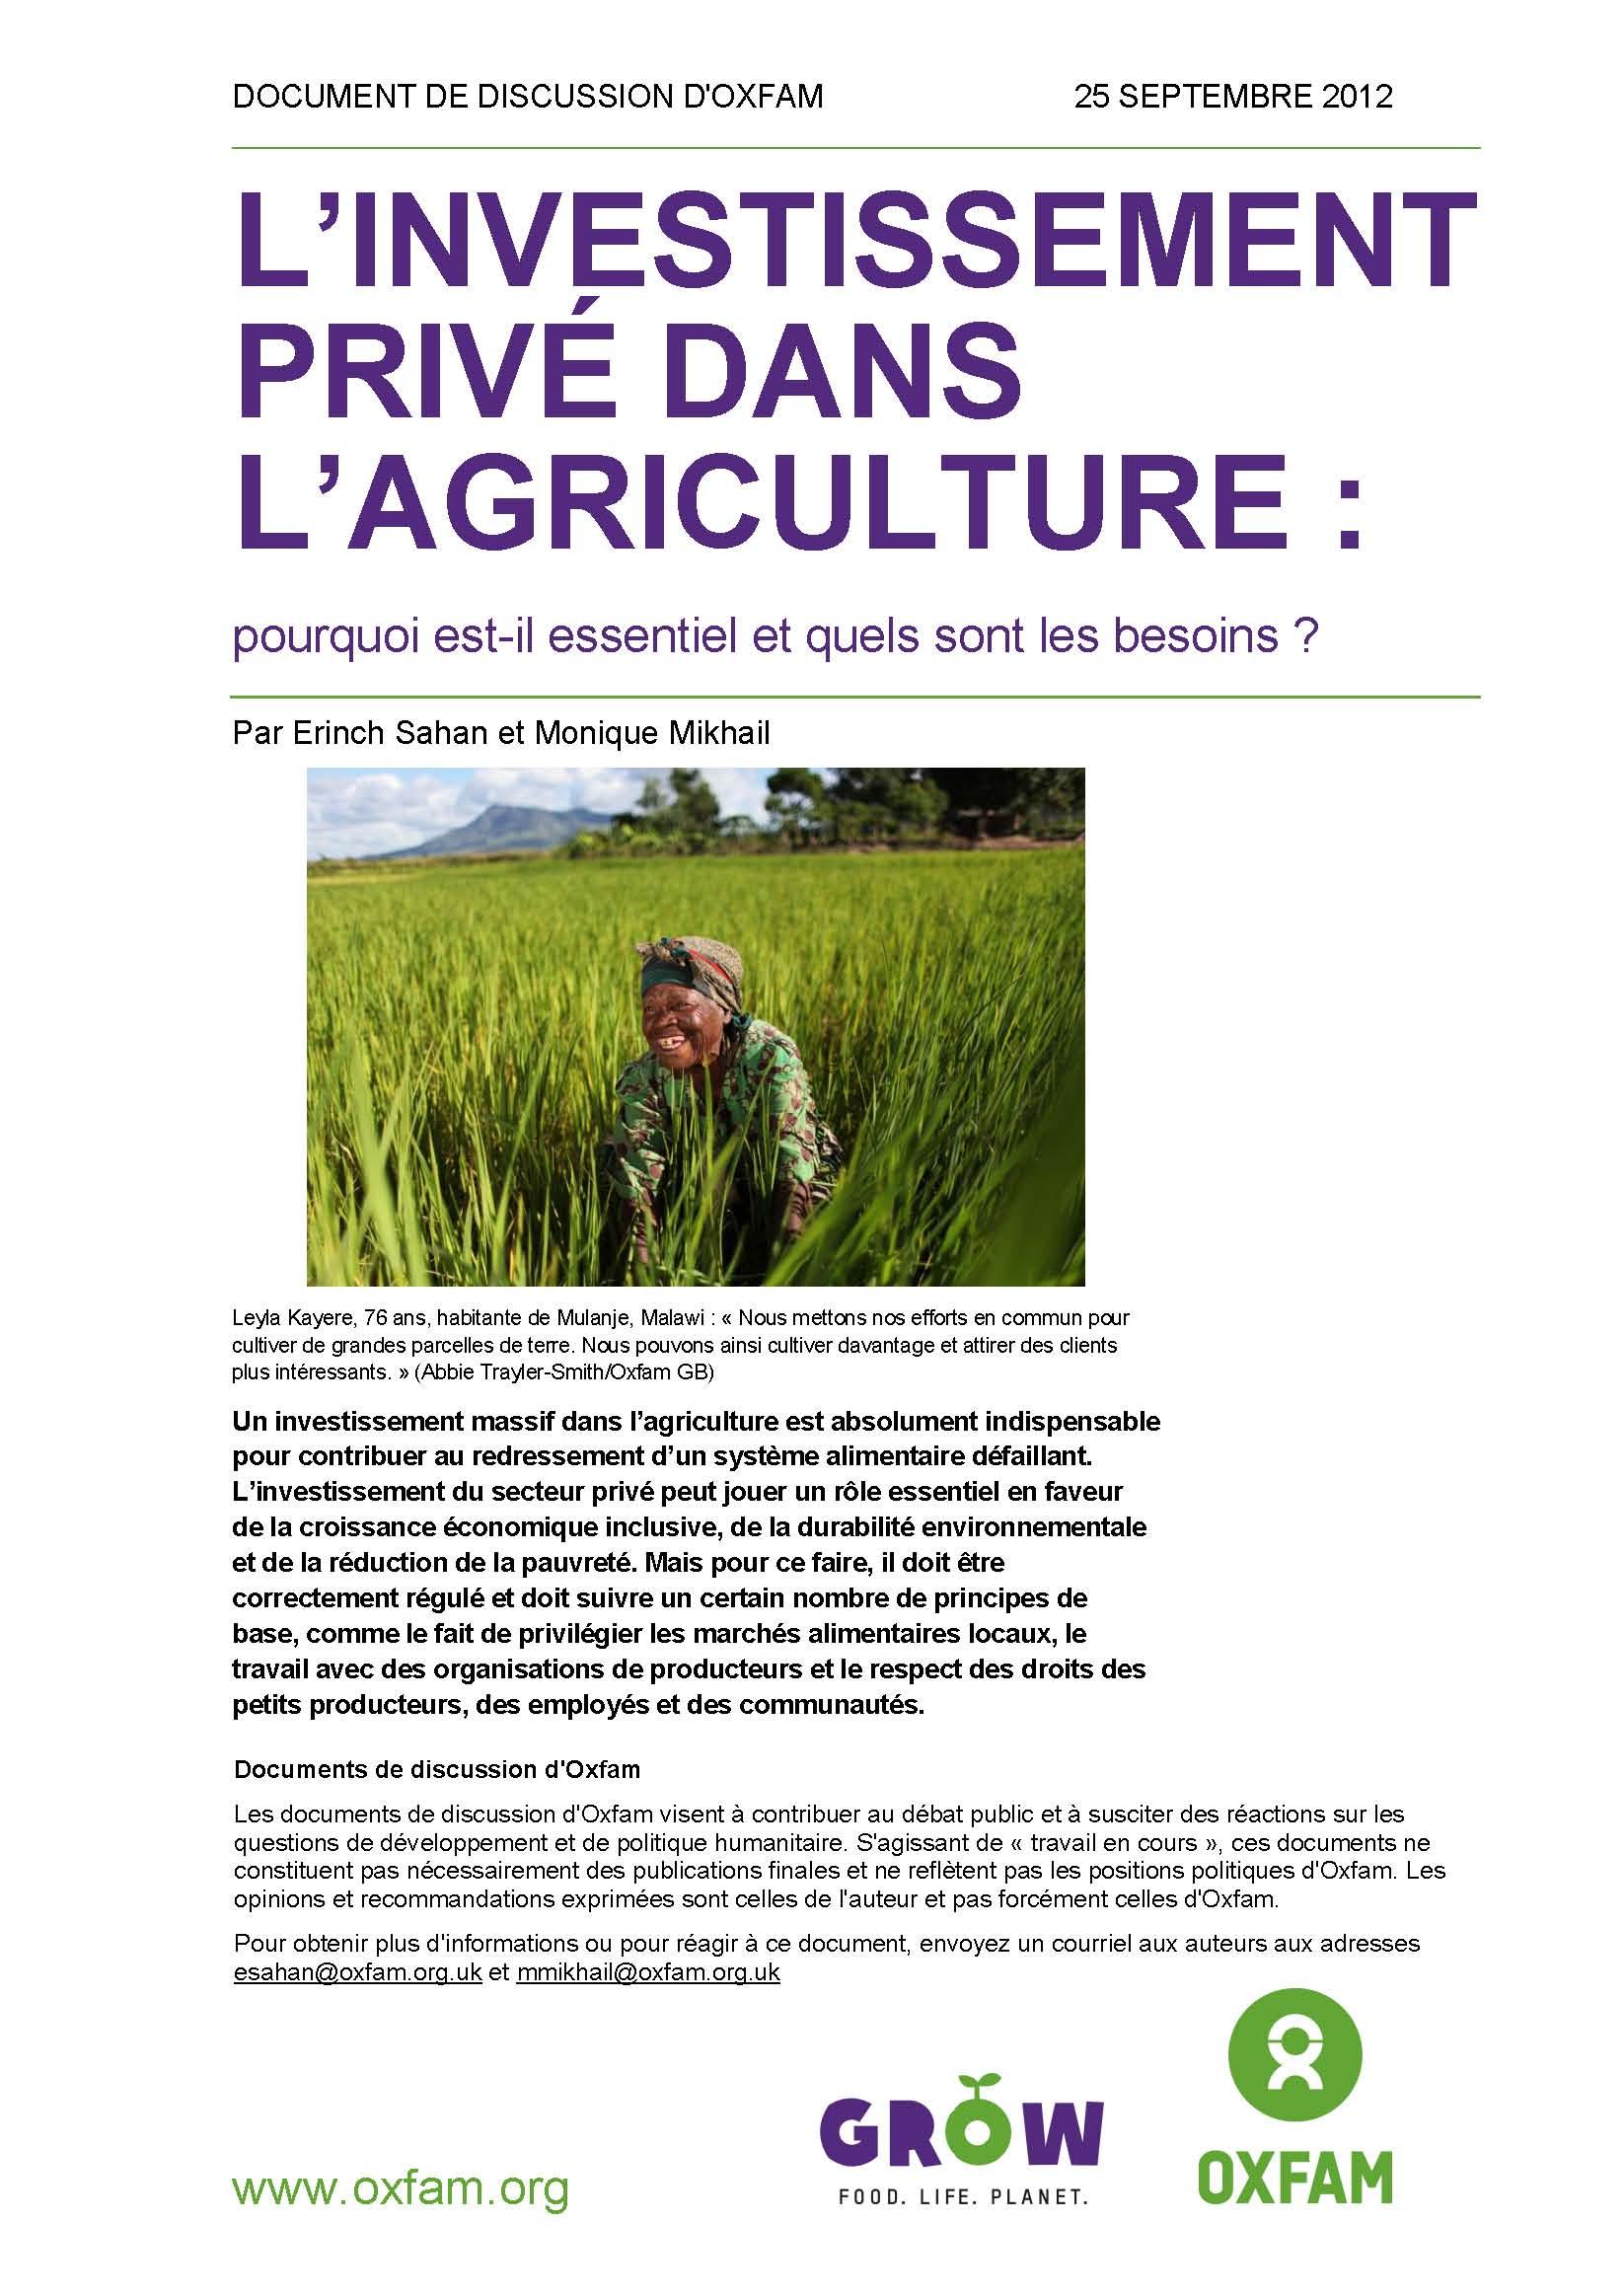 Rapport d'Oxfam :  L'investissement dans l'agriculture. Pourquoi est-il essentiel et quels sont les besoins ?